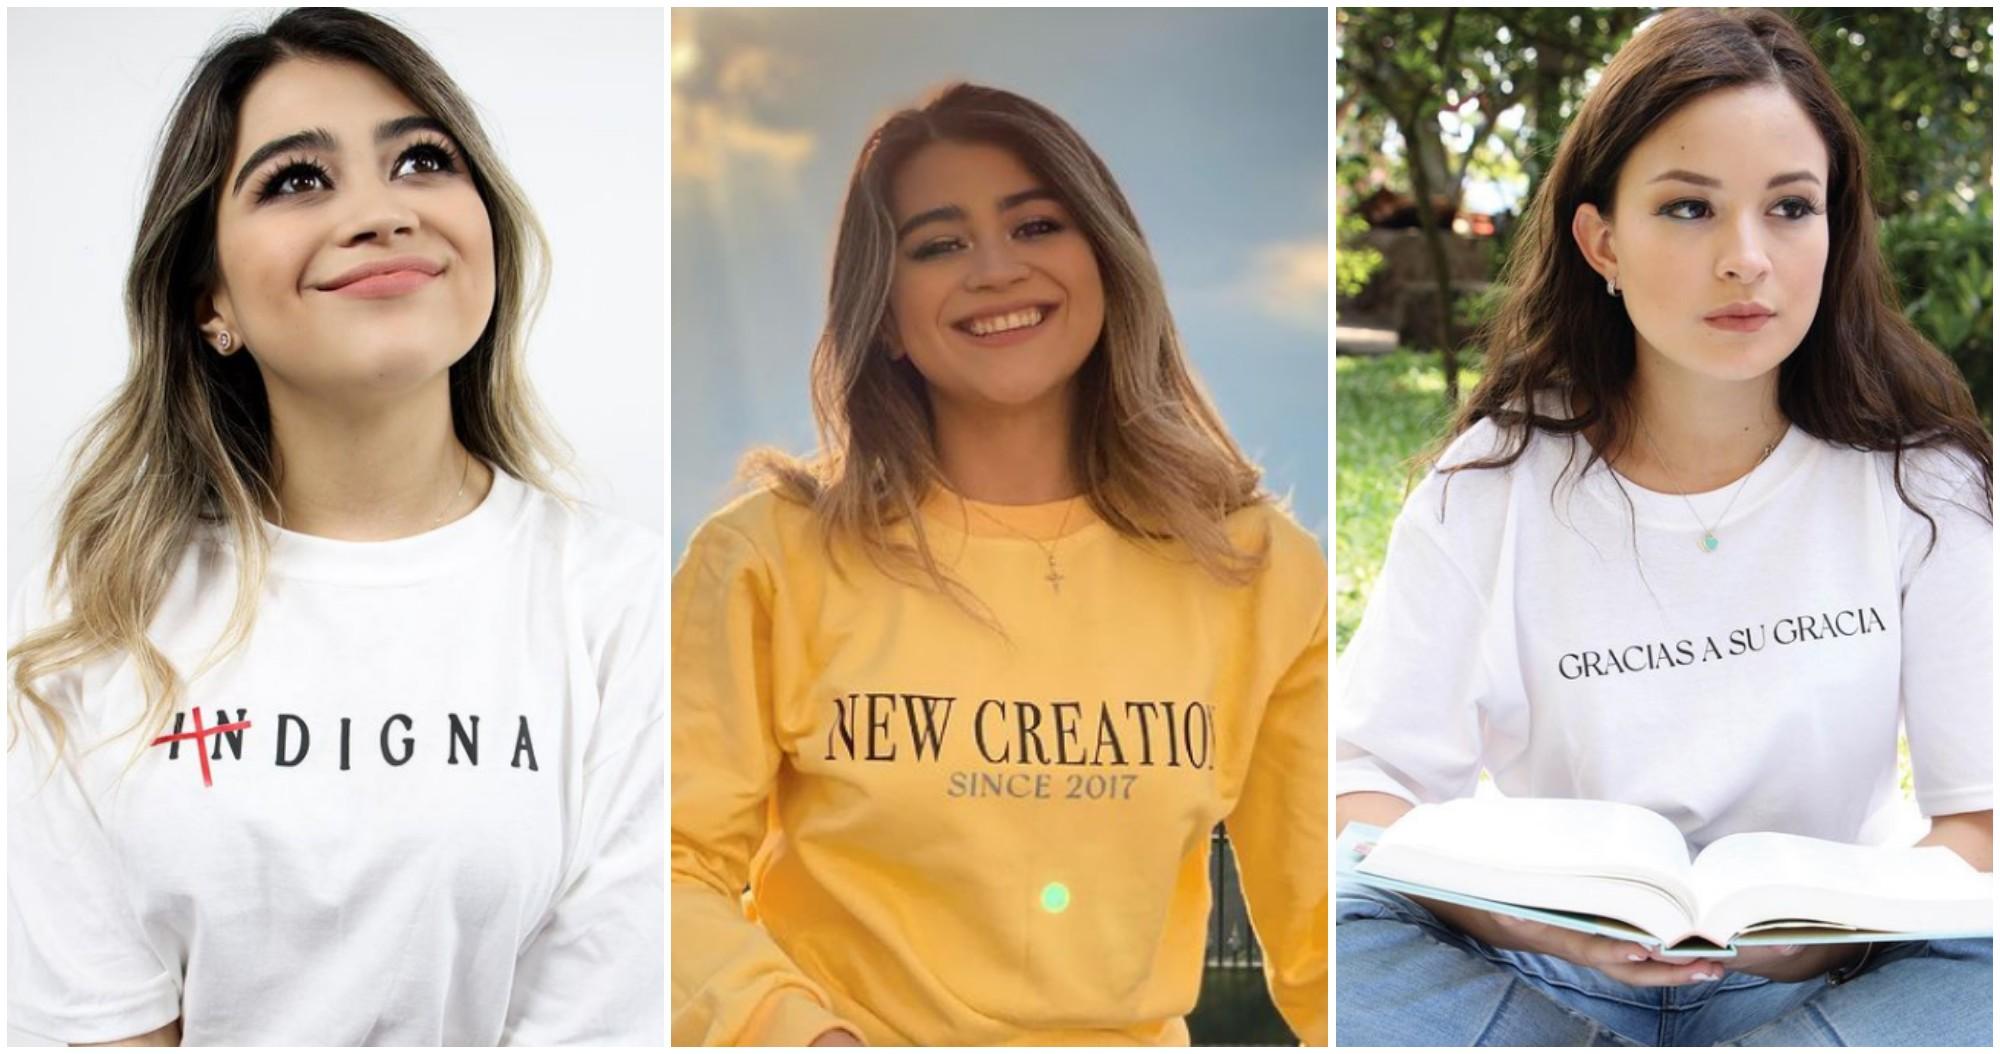 Hondureña crea su propia marca de ropa inspirada en Dios